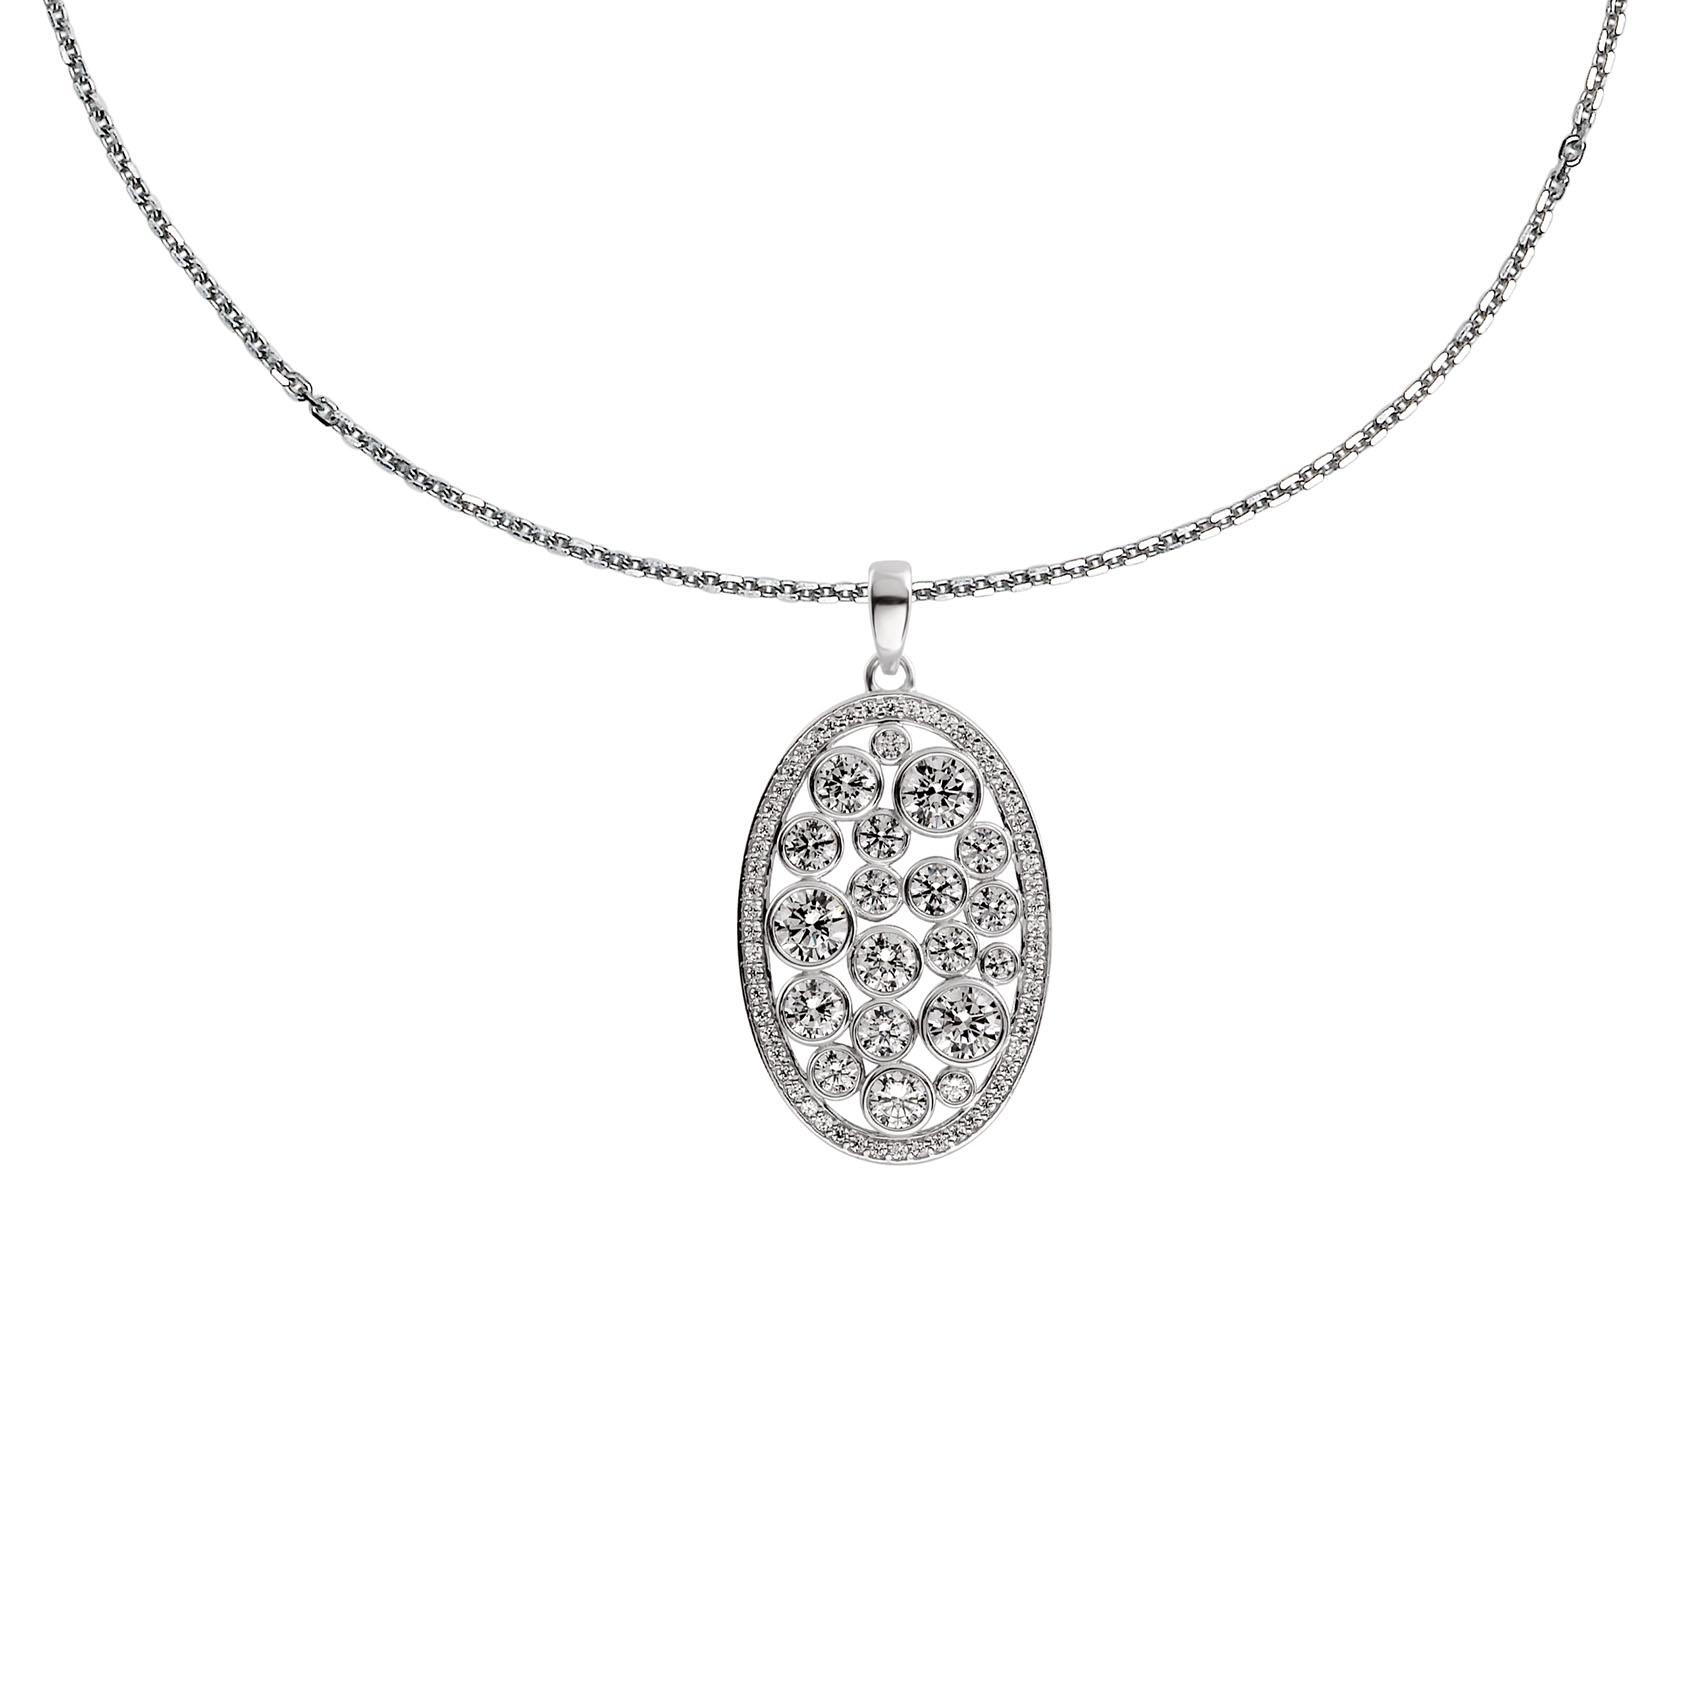 Afbeelding van Diamonfire Collier zilver met Ovale hanger Vintage bewerkt zirkonia 60 cm lang 803.0334.60